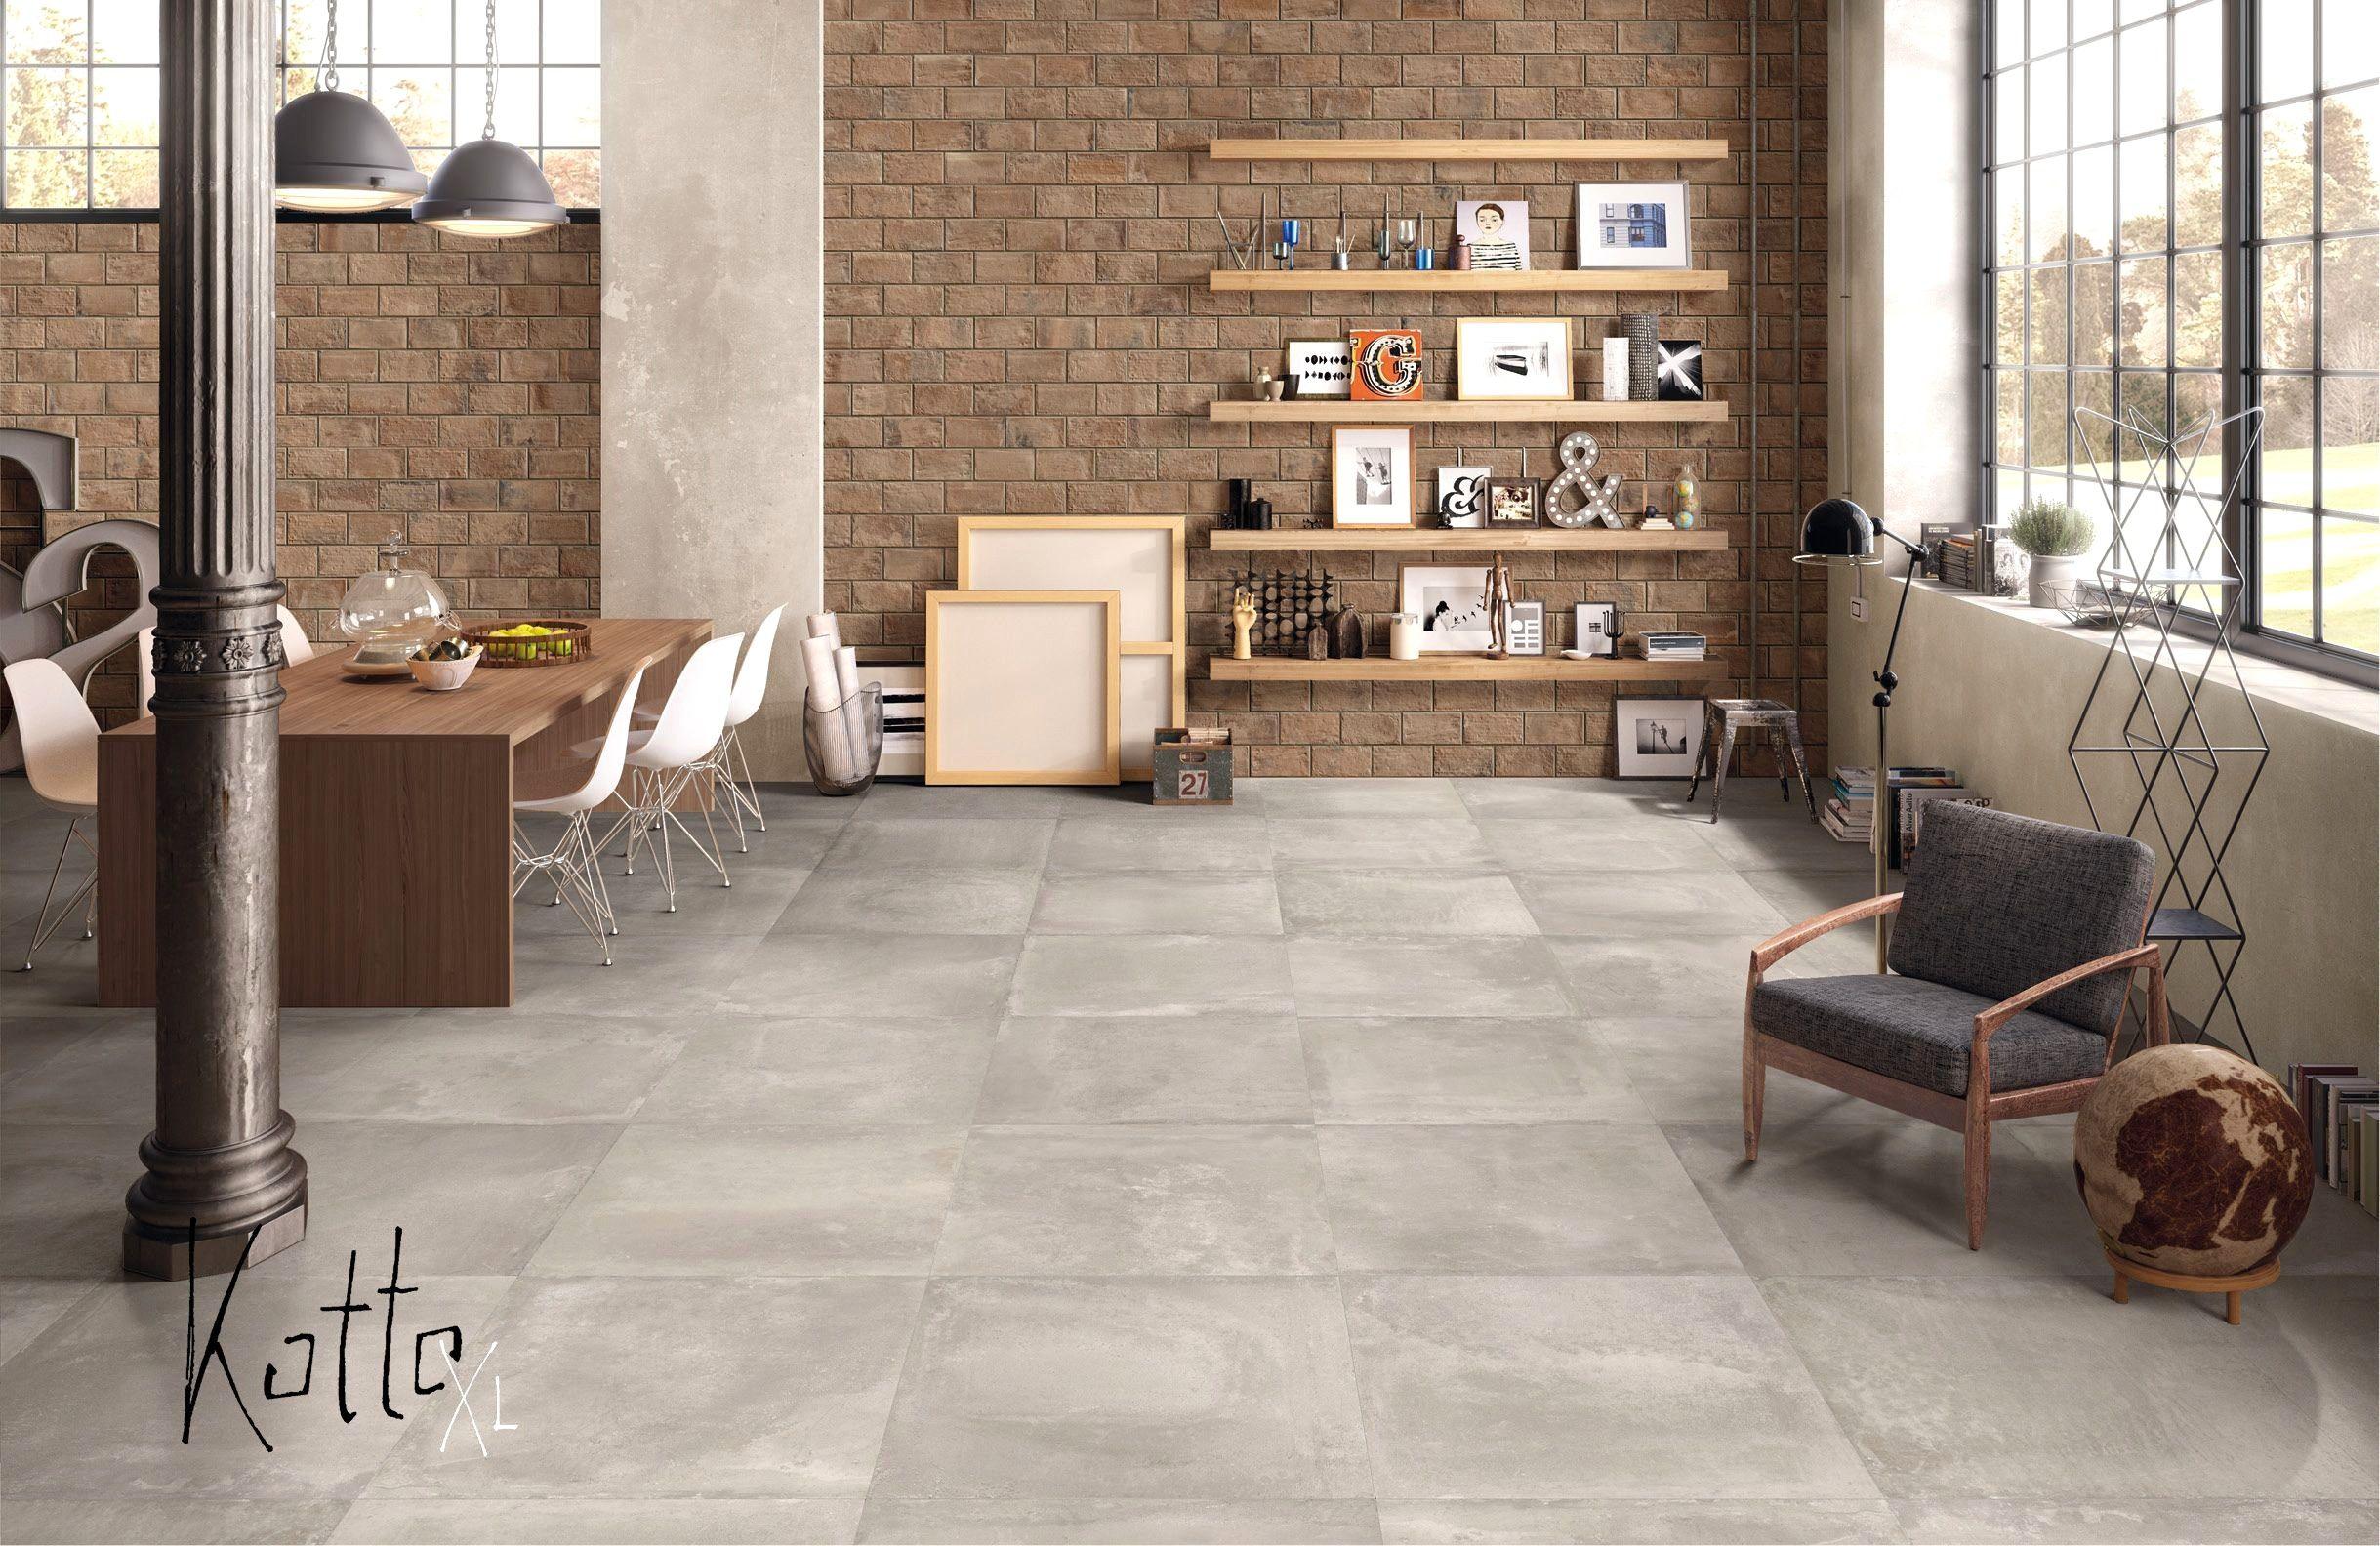 Naturstein Fliesen Für Wohnzimmer  Fliesen wohnzimmer, Wohnzimmer